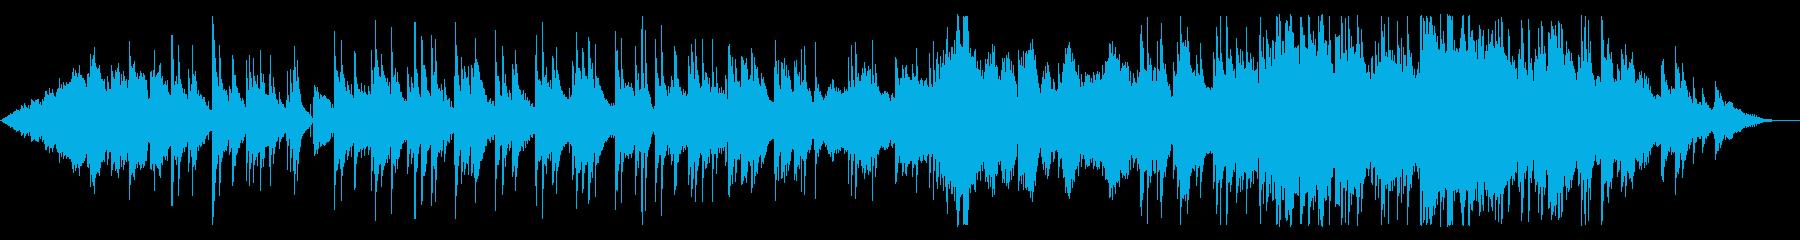 しっとりとしたアコギとストリングスの曲の再生済みの波形